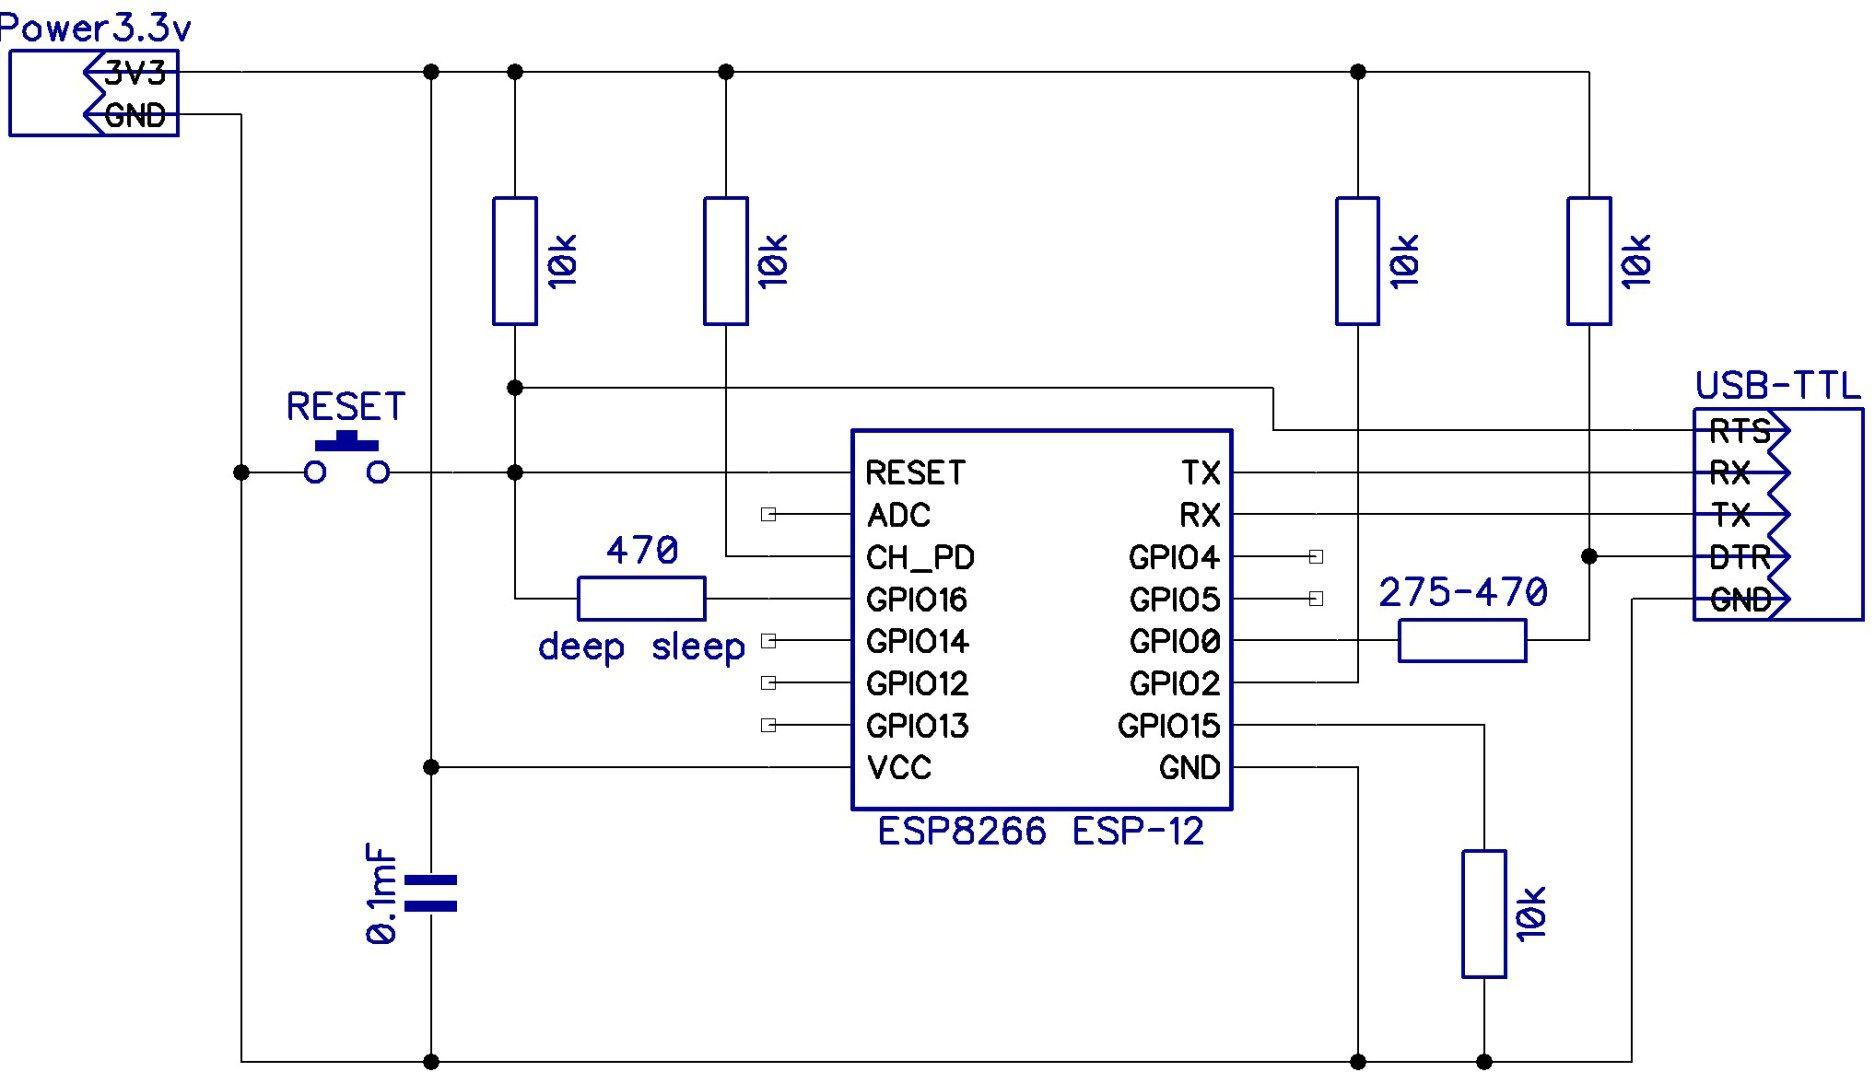 Fantastisch 240v Kabelgrößendiagramm Fotos - Schaltplan Serie ...